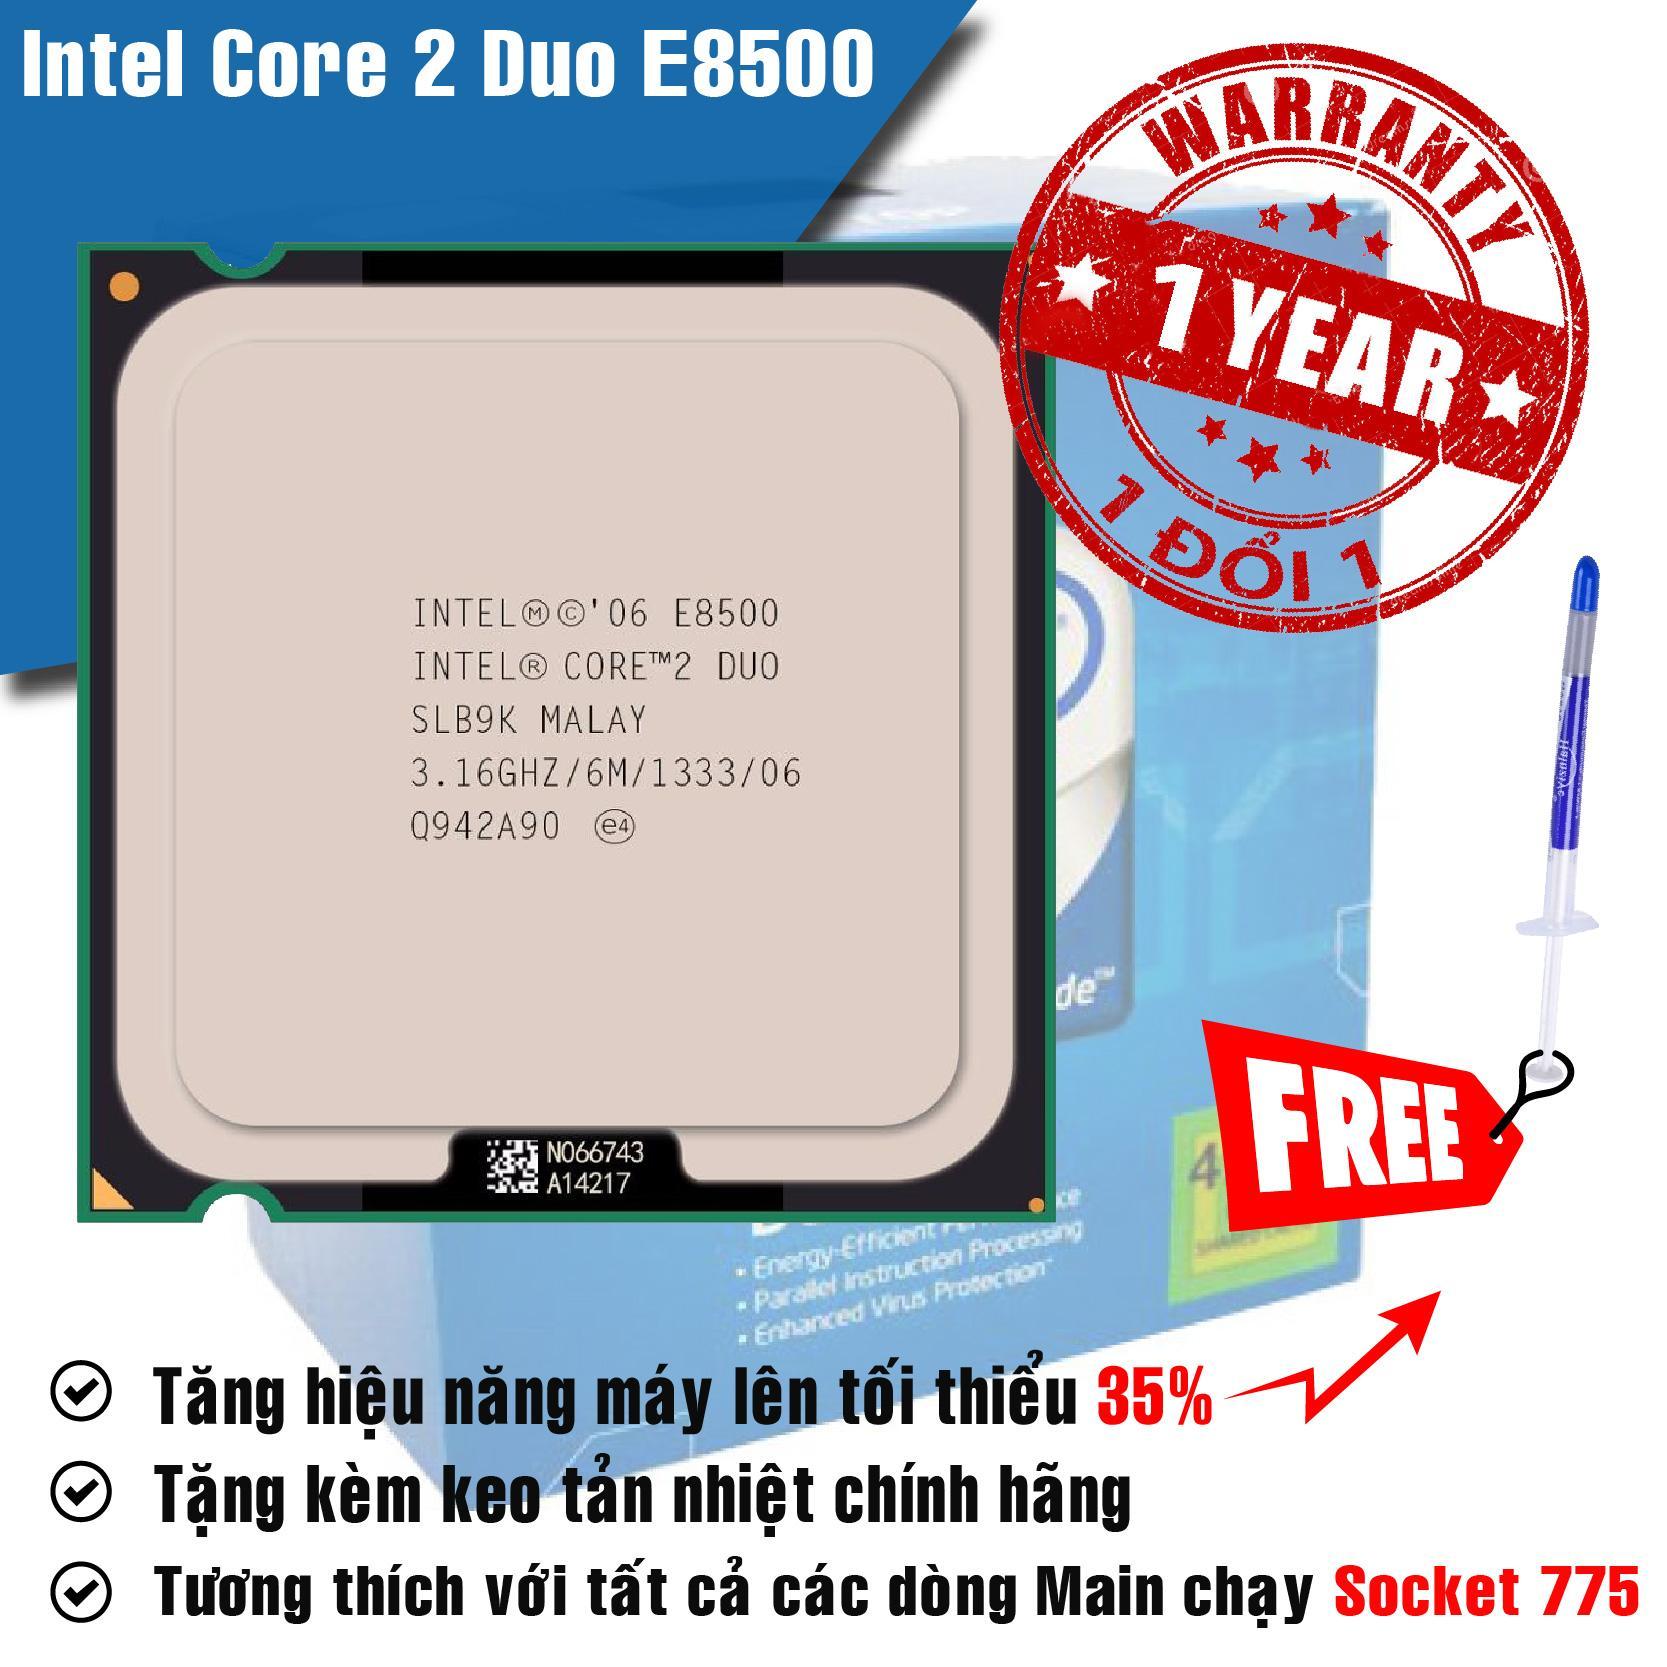 Đánh giá Bộ vi xử lý Intel Core 2 Duo E8500 3.16GHz, 2 lõi, Bus 1333MHz, Cache 6MB – Tặng Keo Tản Nhiệt. Tại Shop Computer Laptop